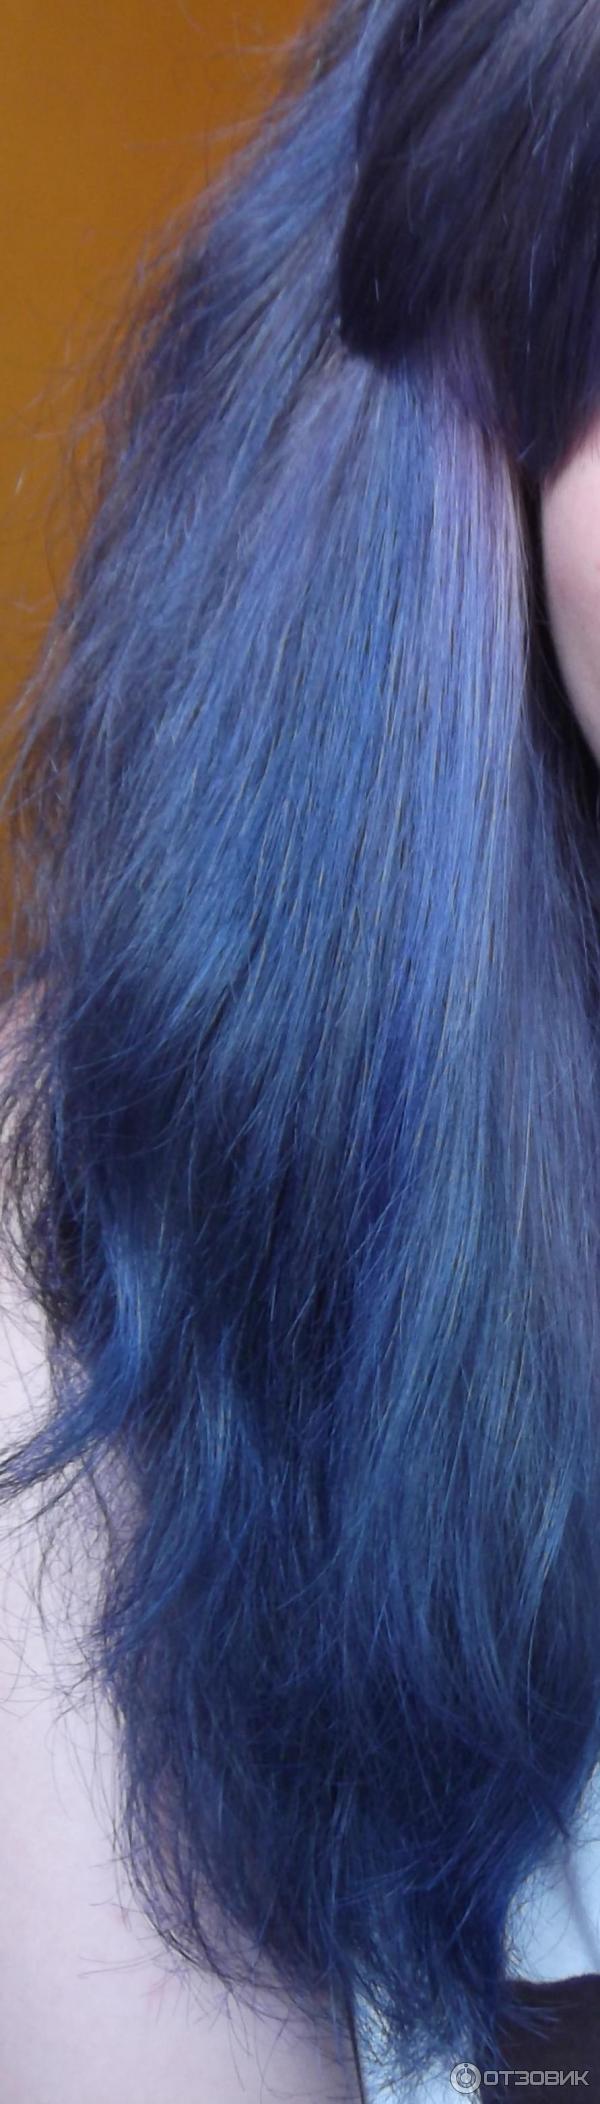 Тоник для волос: цвета, правила окрашивания, отзывы 2